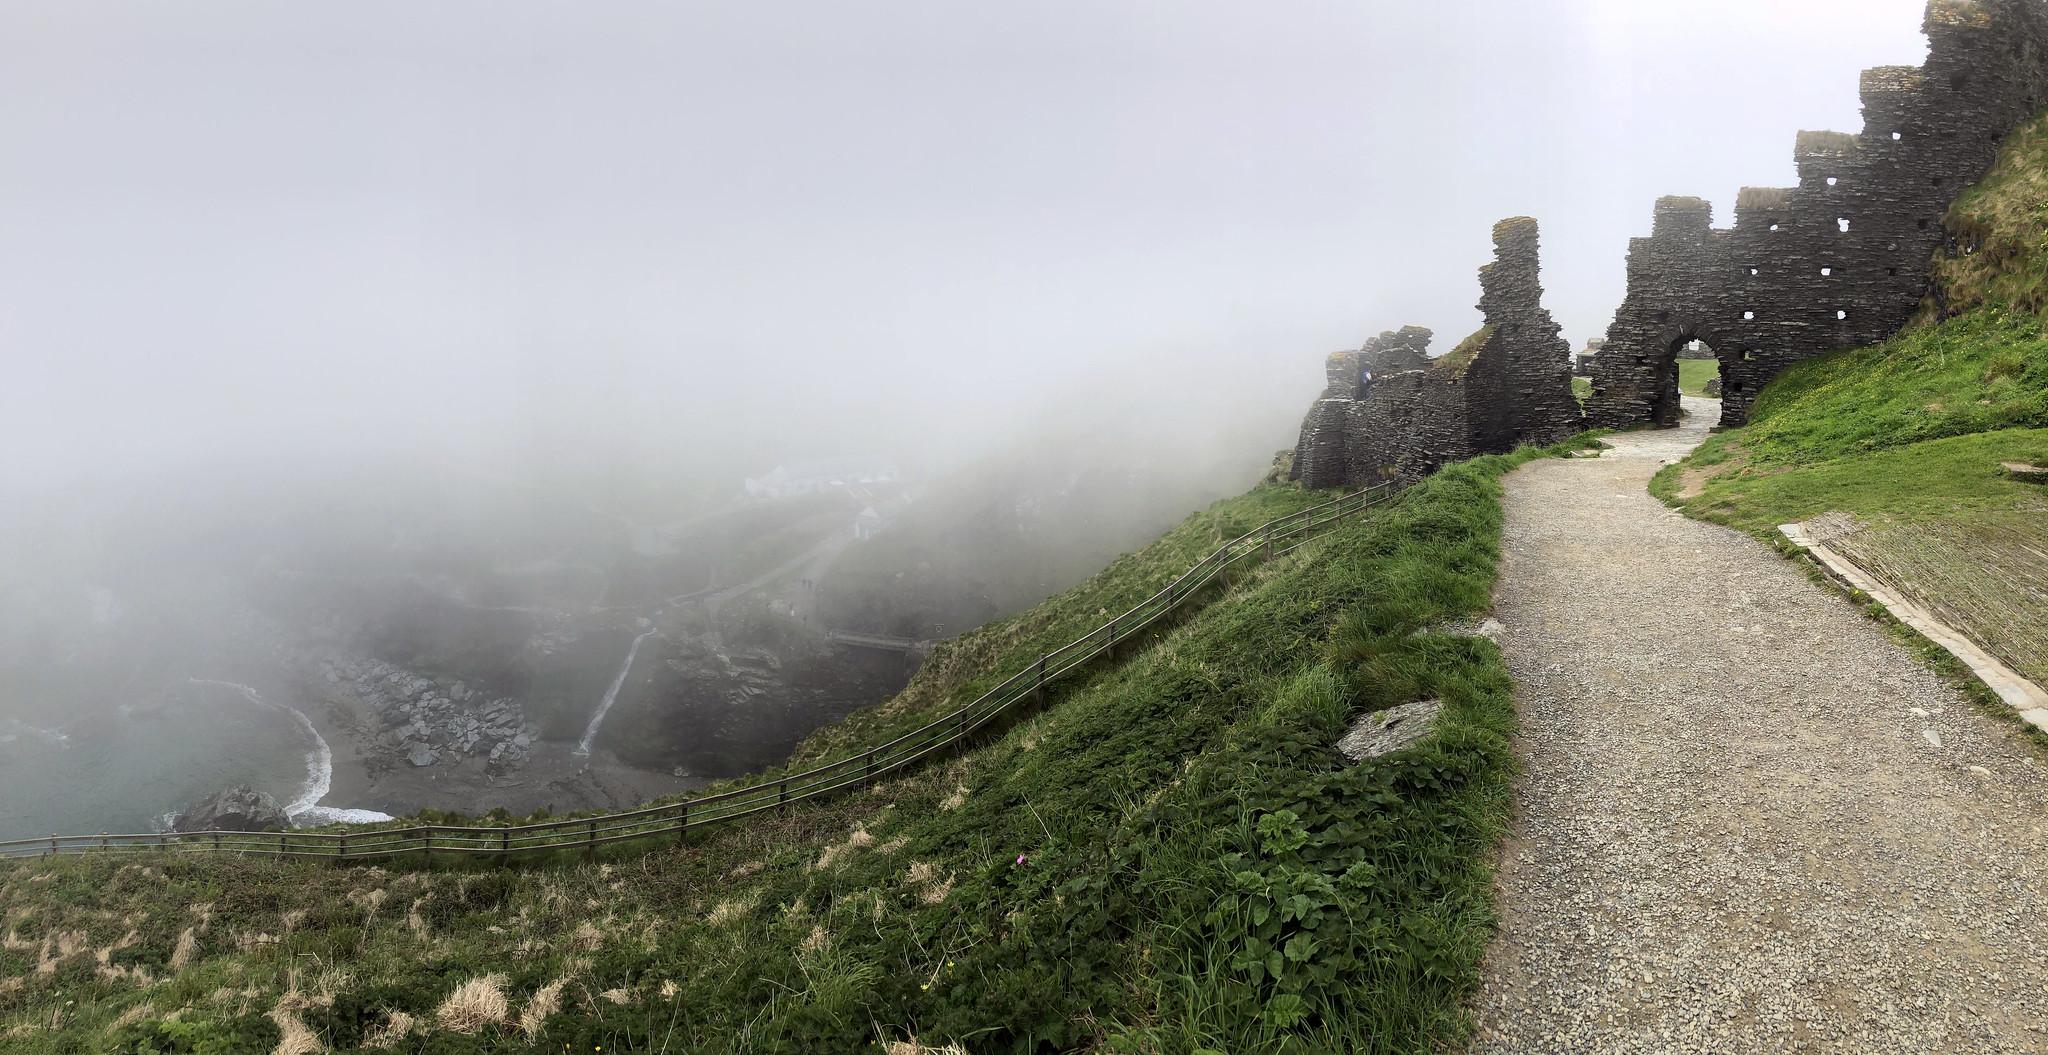 Qué ver en Cornwall, Cornualles - thewotme qué ver en cornwall - 48838311662 6062a69165 k - Qué ver en Cornwall: ruta de 3 días